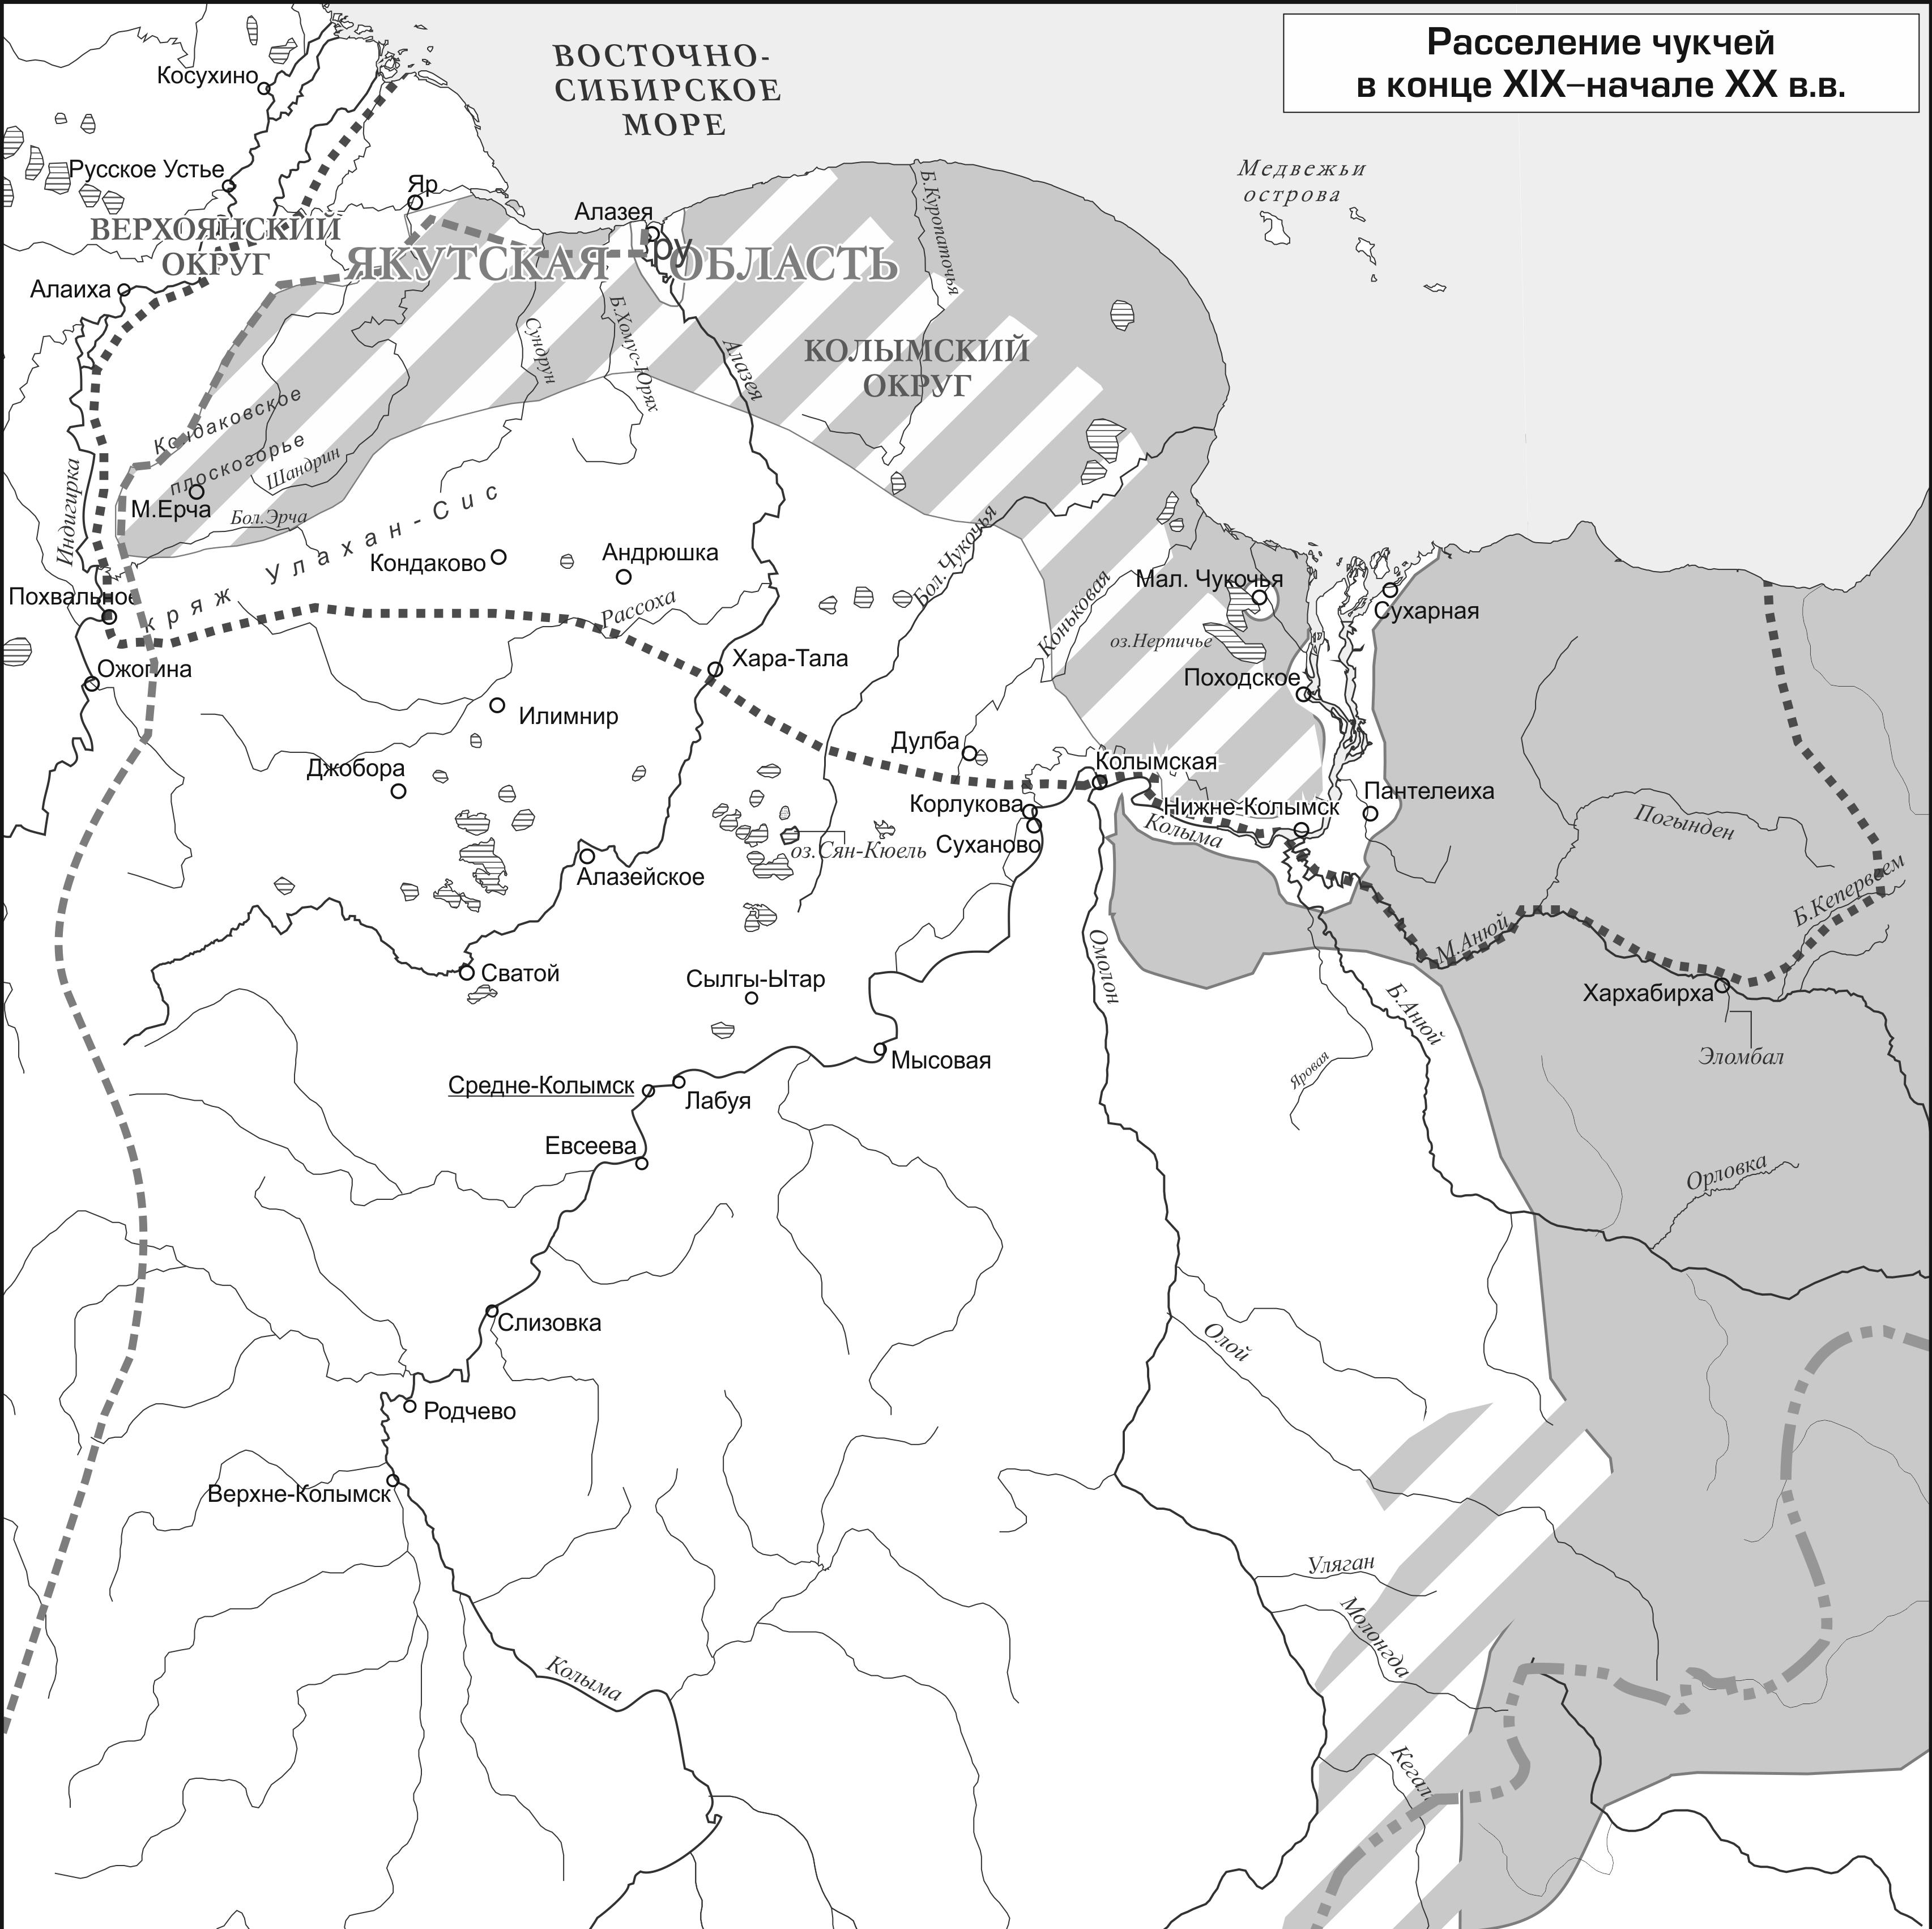 Расселение чукчей в конце XIX–начале XX в.в. ; авторы Ю.Б.Коряков, М.Ю.Пупынина